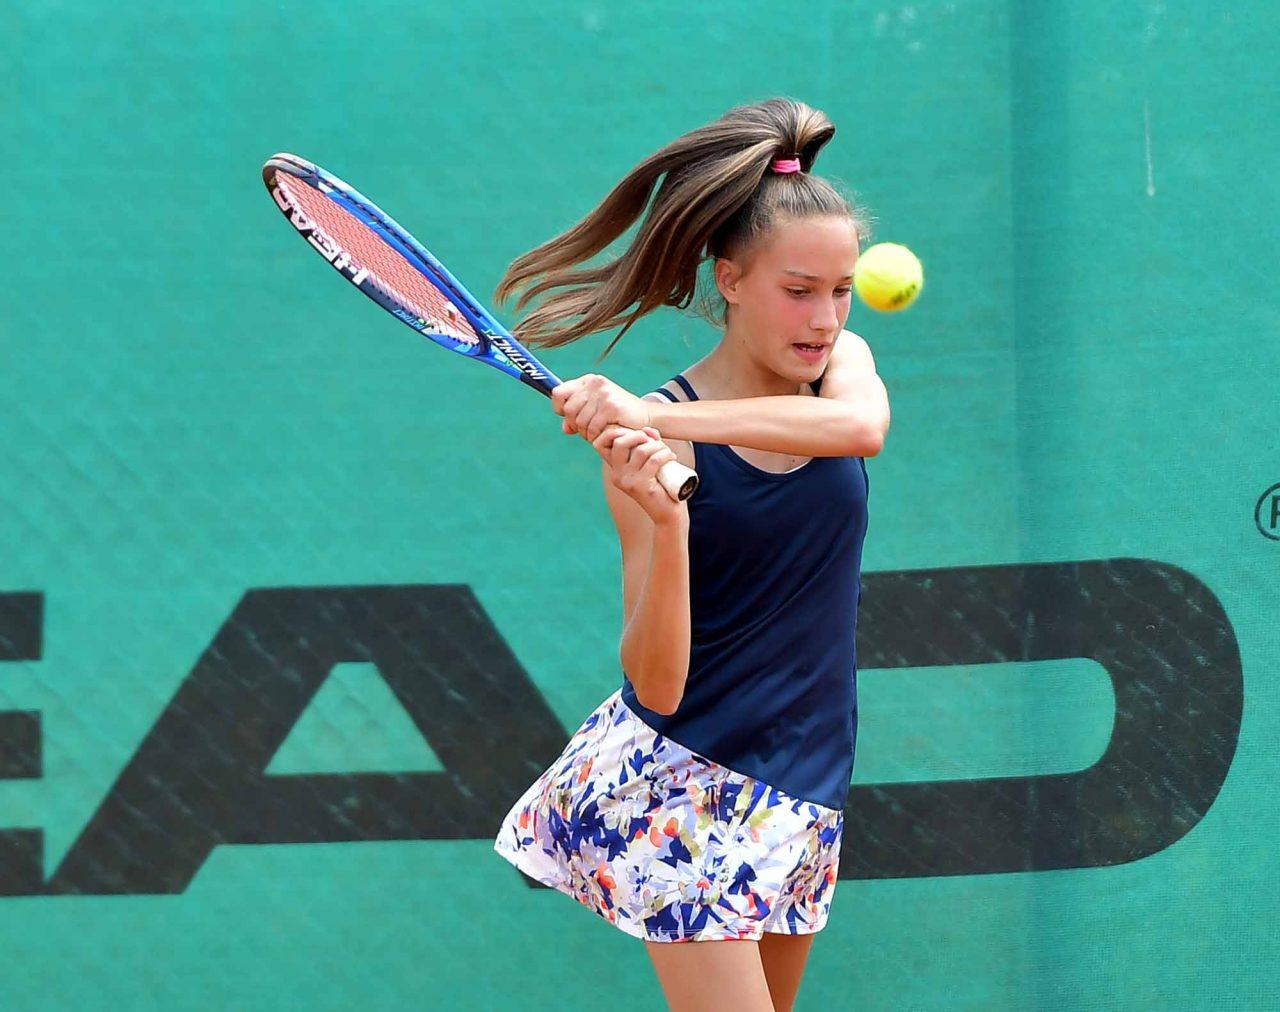 Държавно първенство тенис до 14 год. ТК 15-40 финал двойки (21)